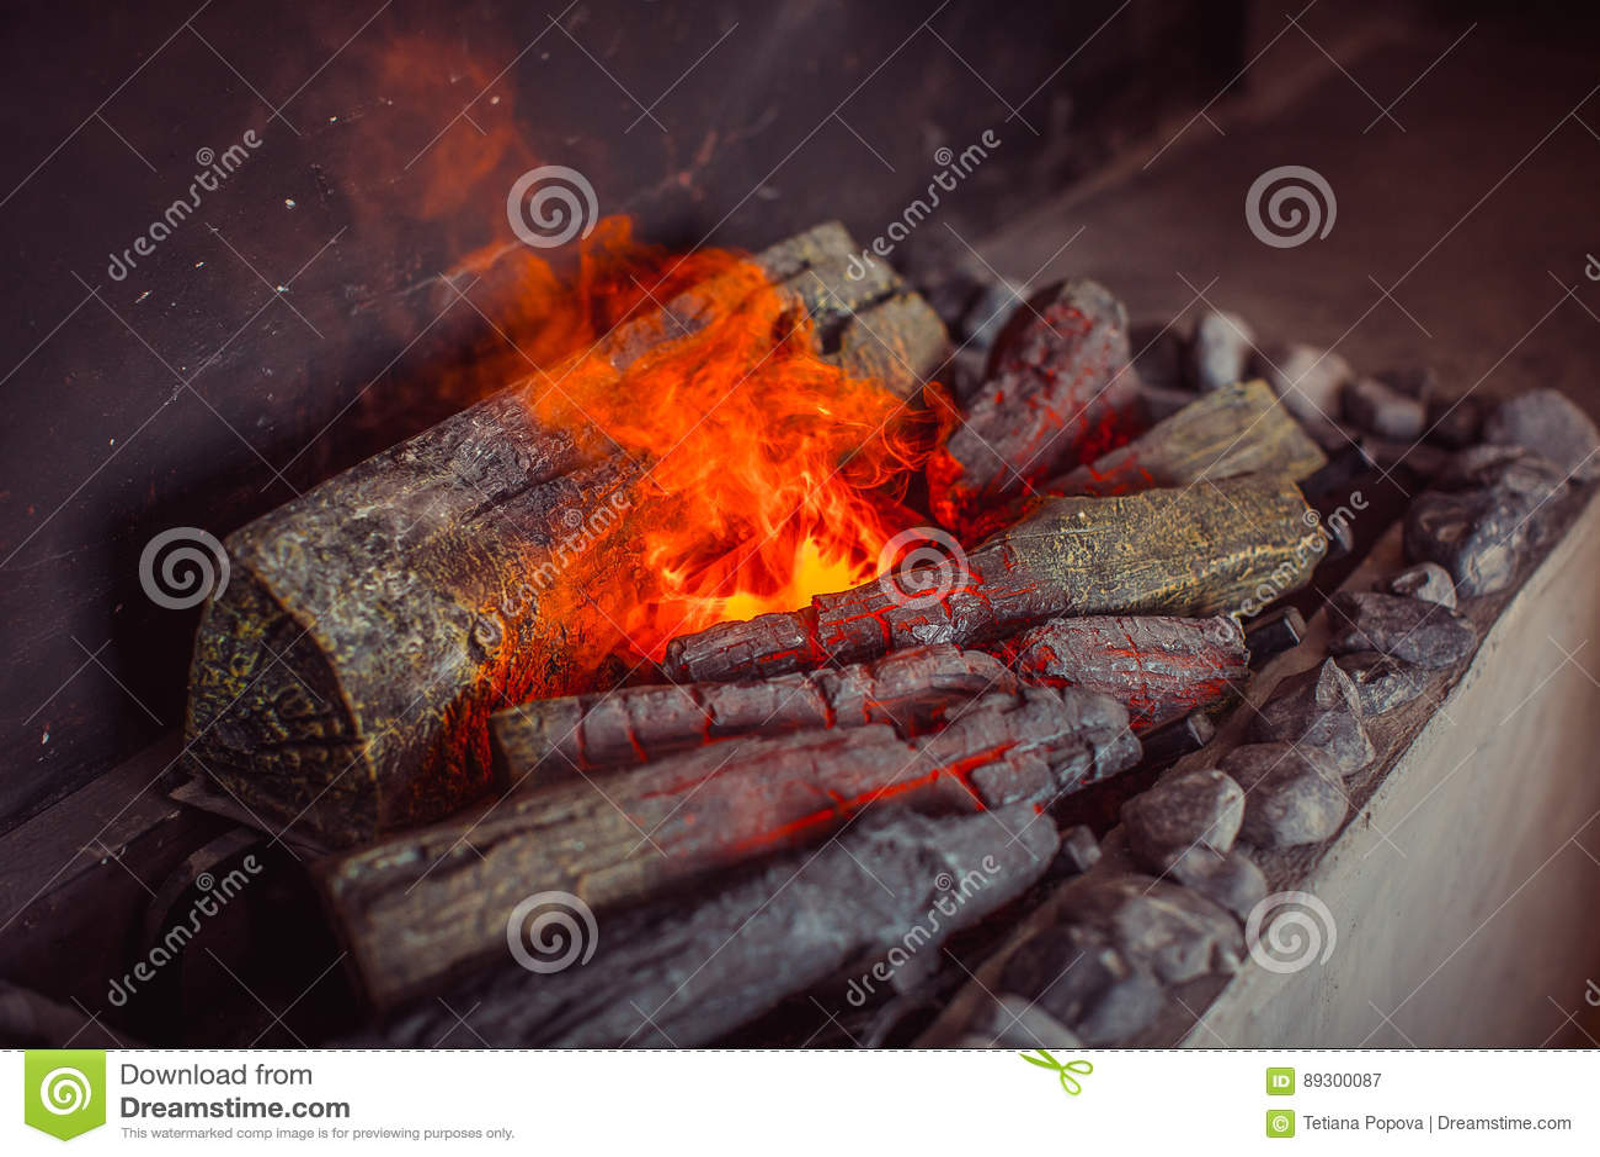 Elektrischer Kamin Mit Kunstlicher Funkelnder Flamme Stockbild